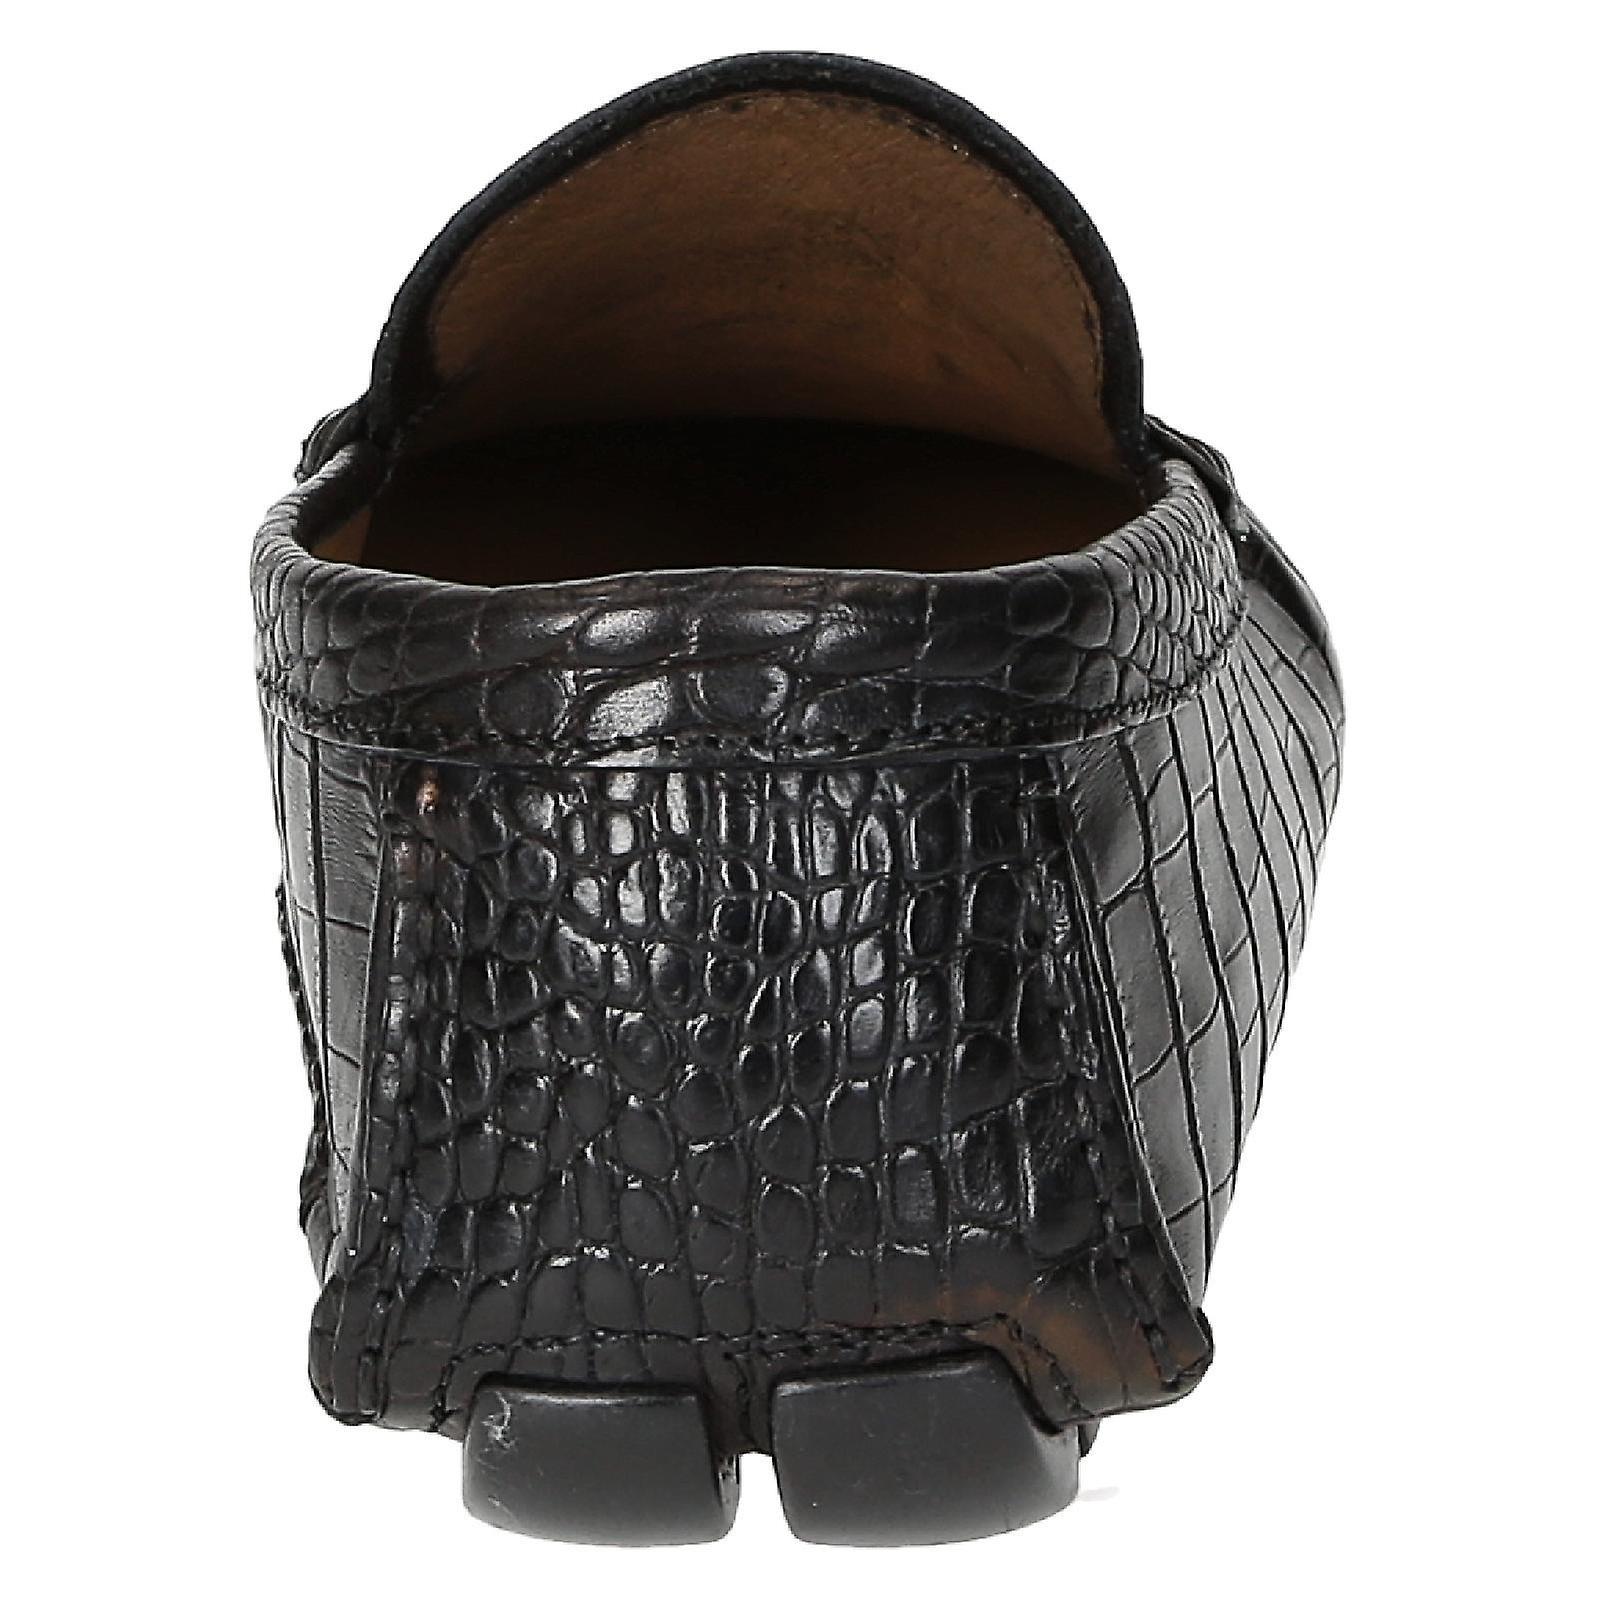 la la la trama di uomini coccodrillo mocassini neri | Nuovo mercato  | Alla Moda  | Gentiluomo/Signora Scarpa  8a4ed2